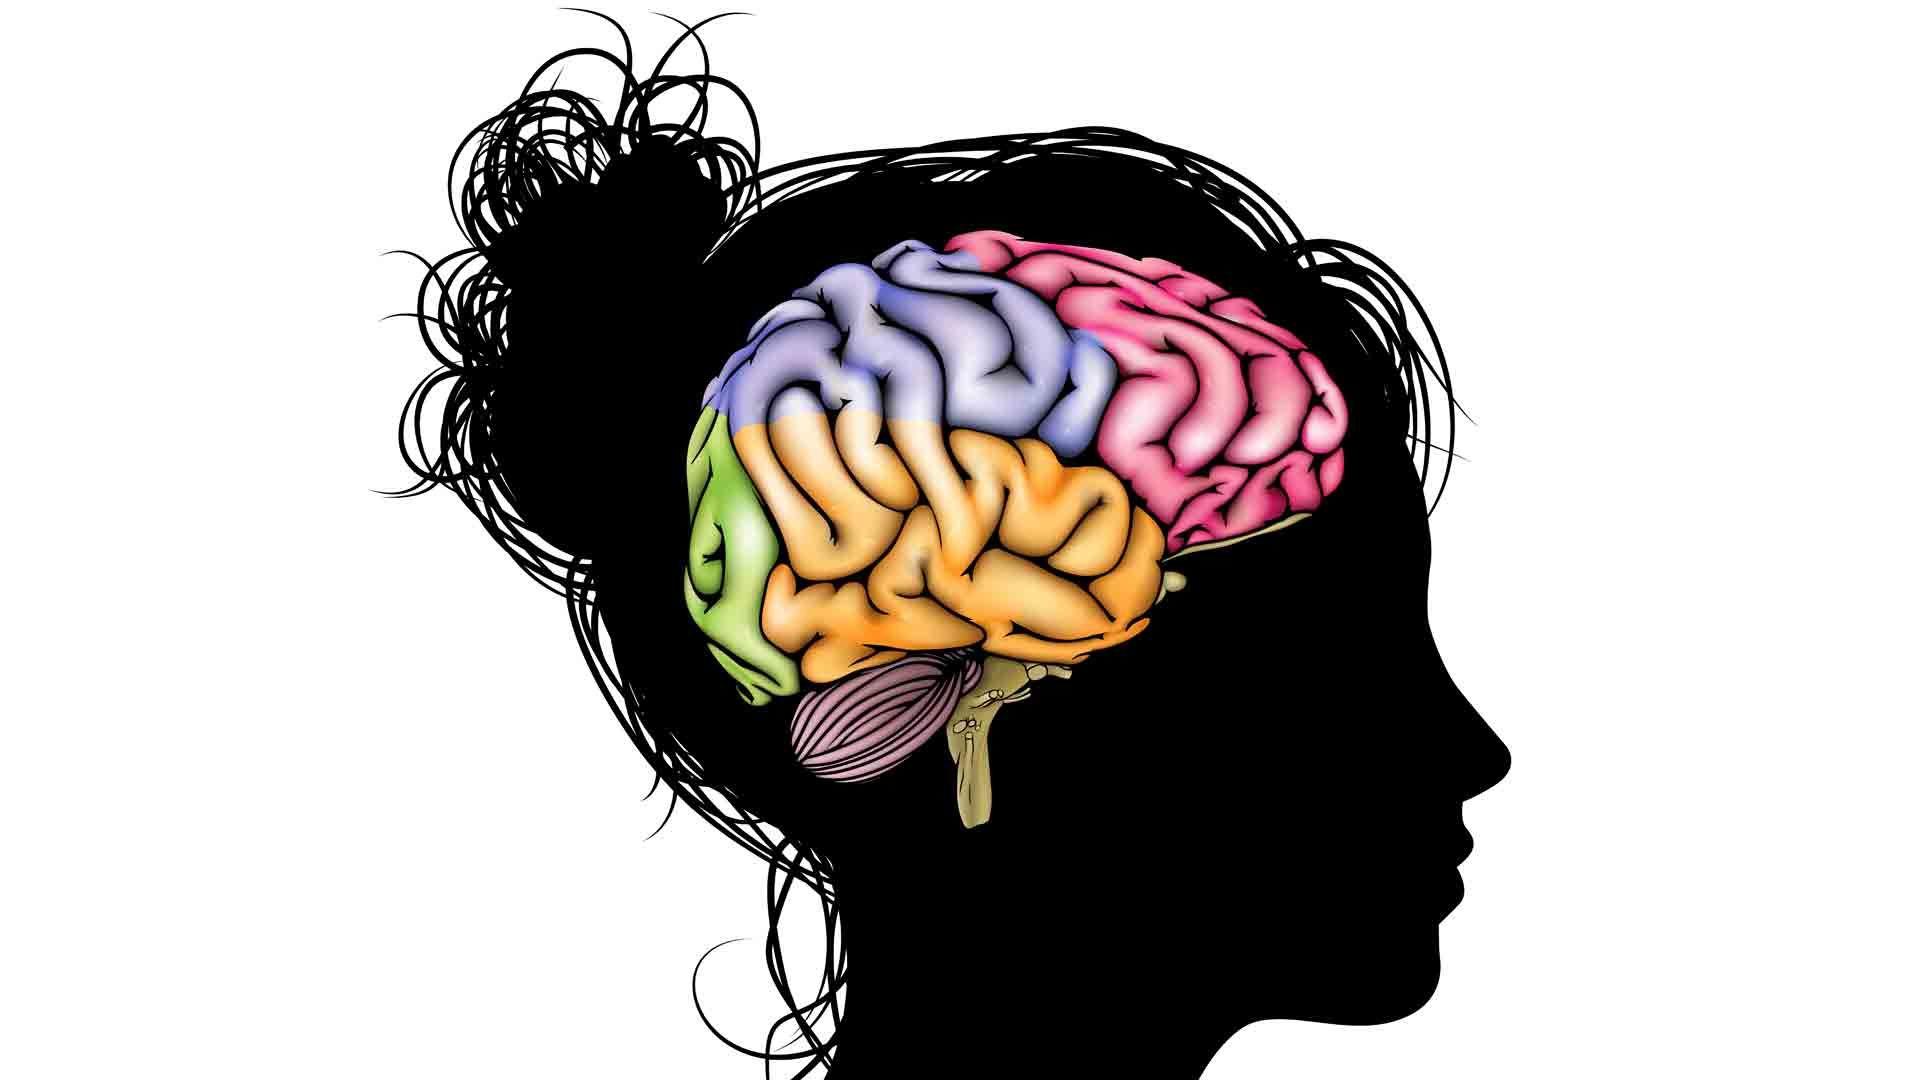 картинки мозга на белом фоне зарплатам, покупка игроков